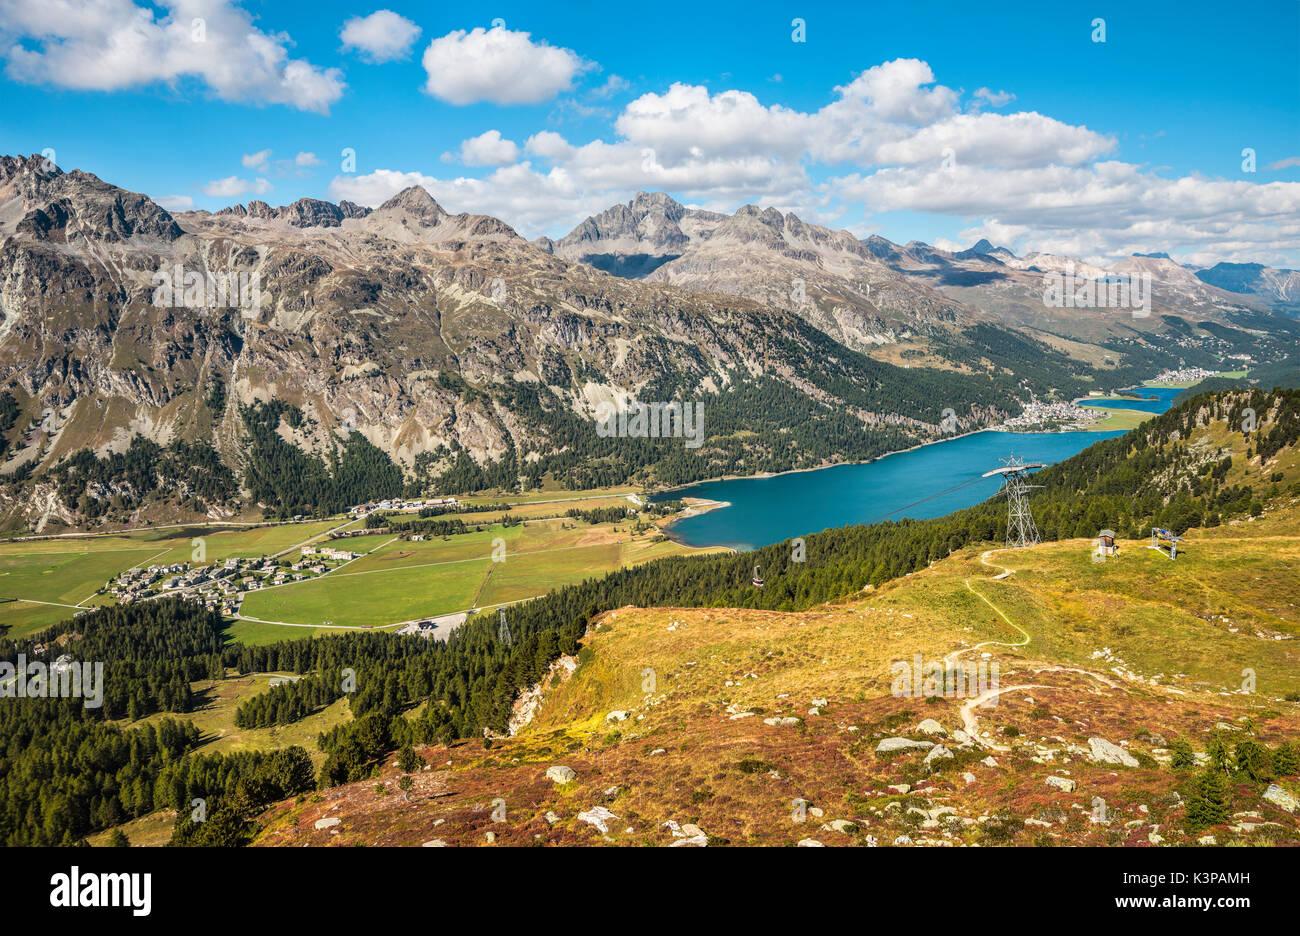 Vista desde el valle de Engadine torwards Furtschellas en Silvaplana, Grisons, Suiza | Aussicht vom Furtschellas im Engadintal en Richtung Silvaplana, Imagen De Stock